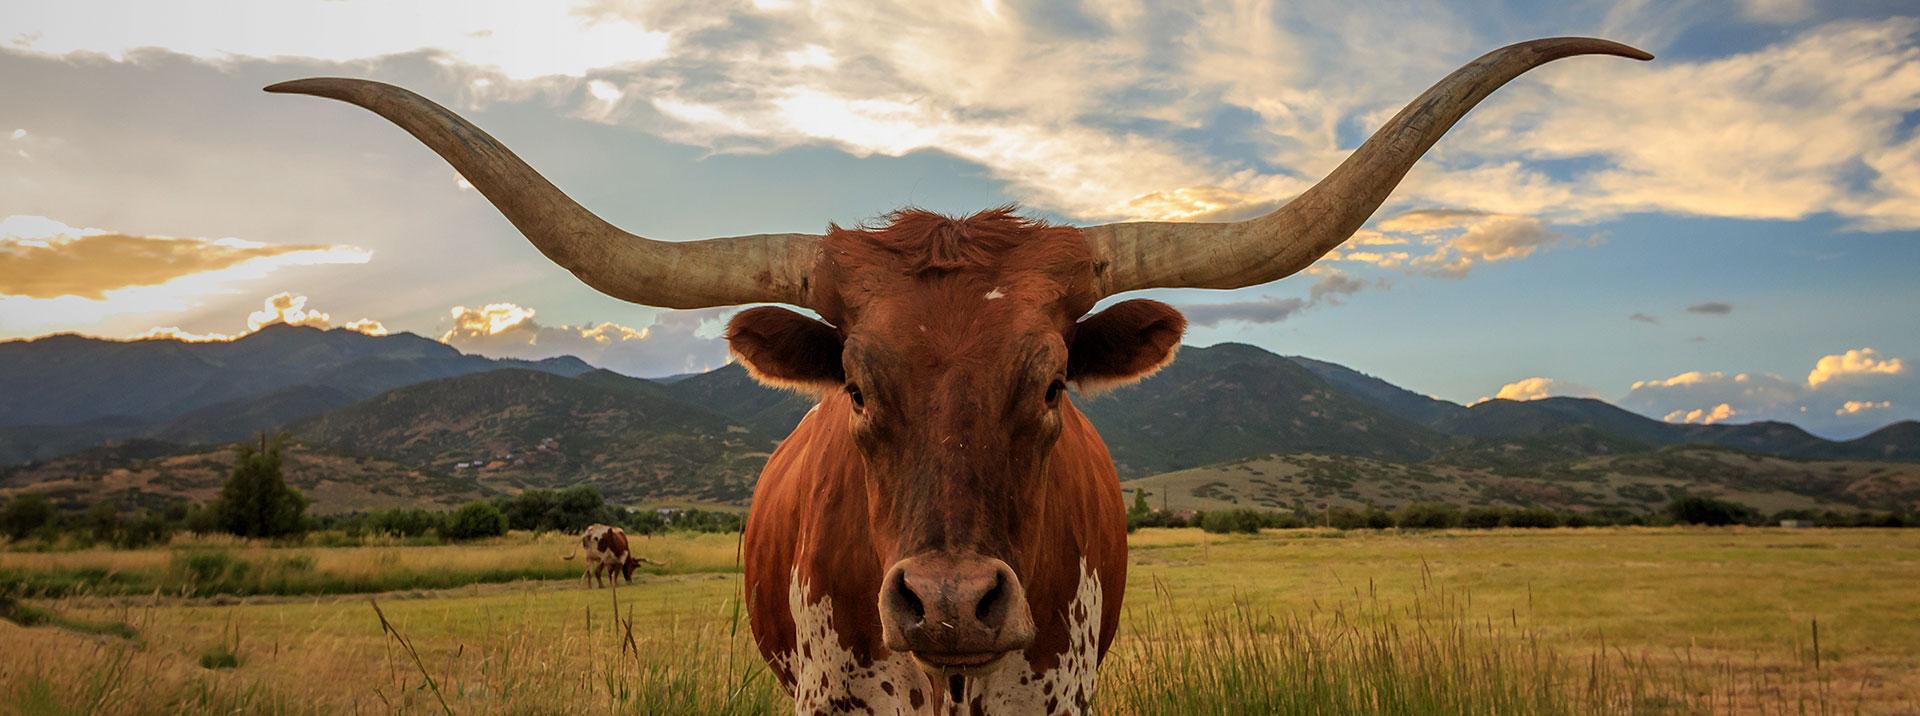 FeatImageCollection_1920x716_Texas